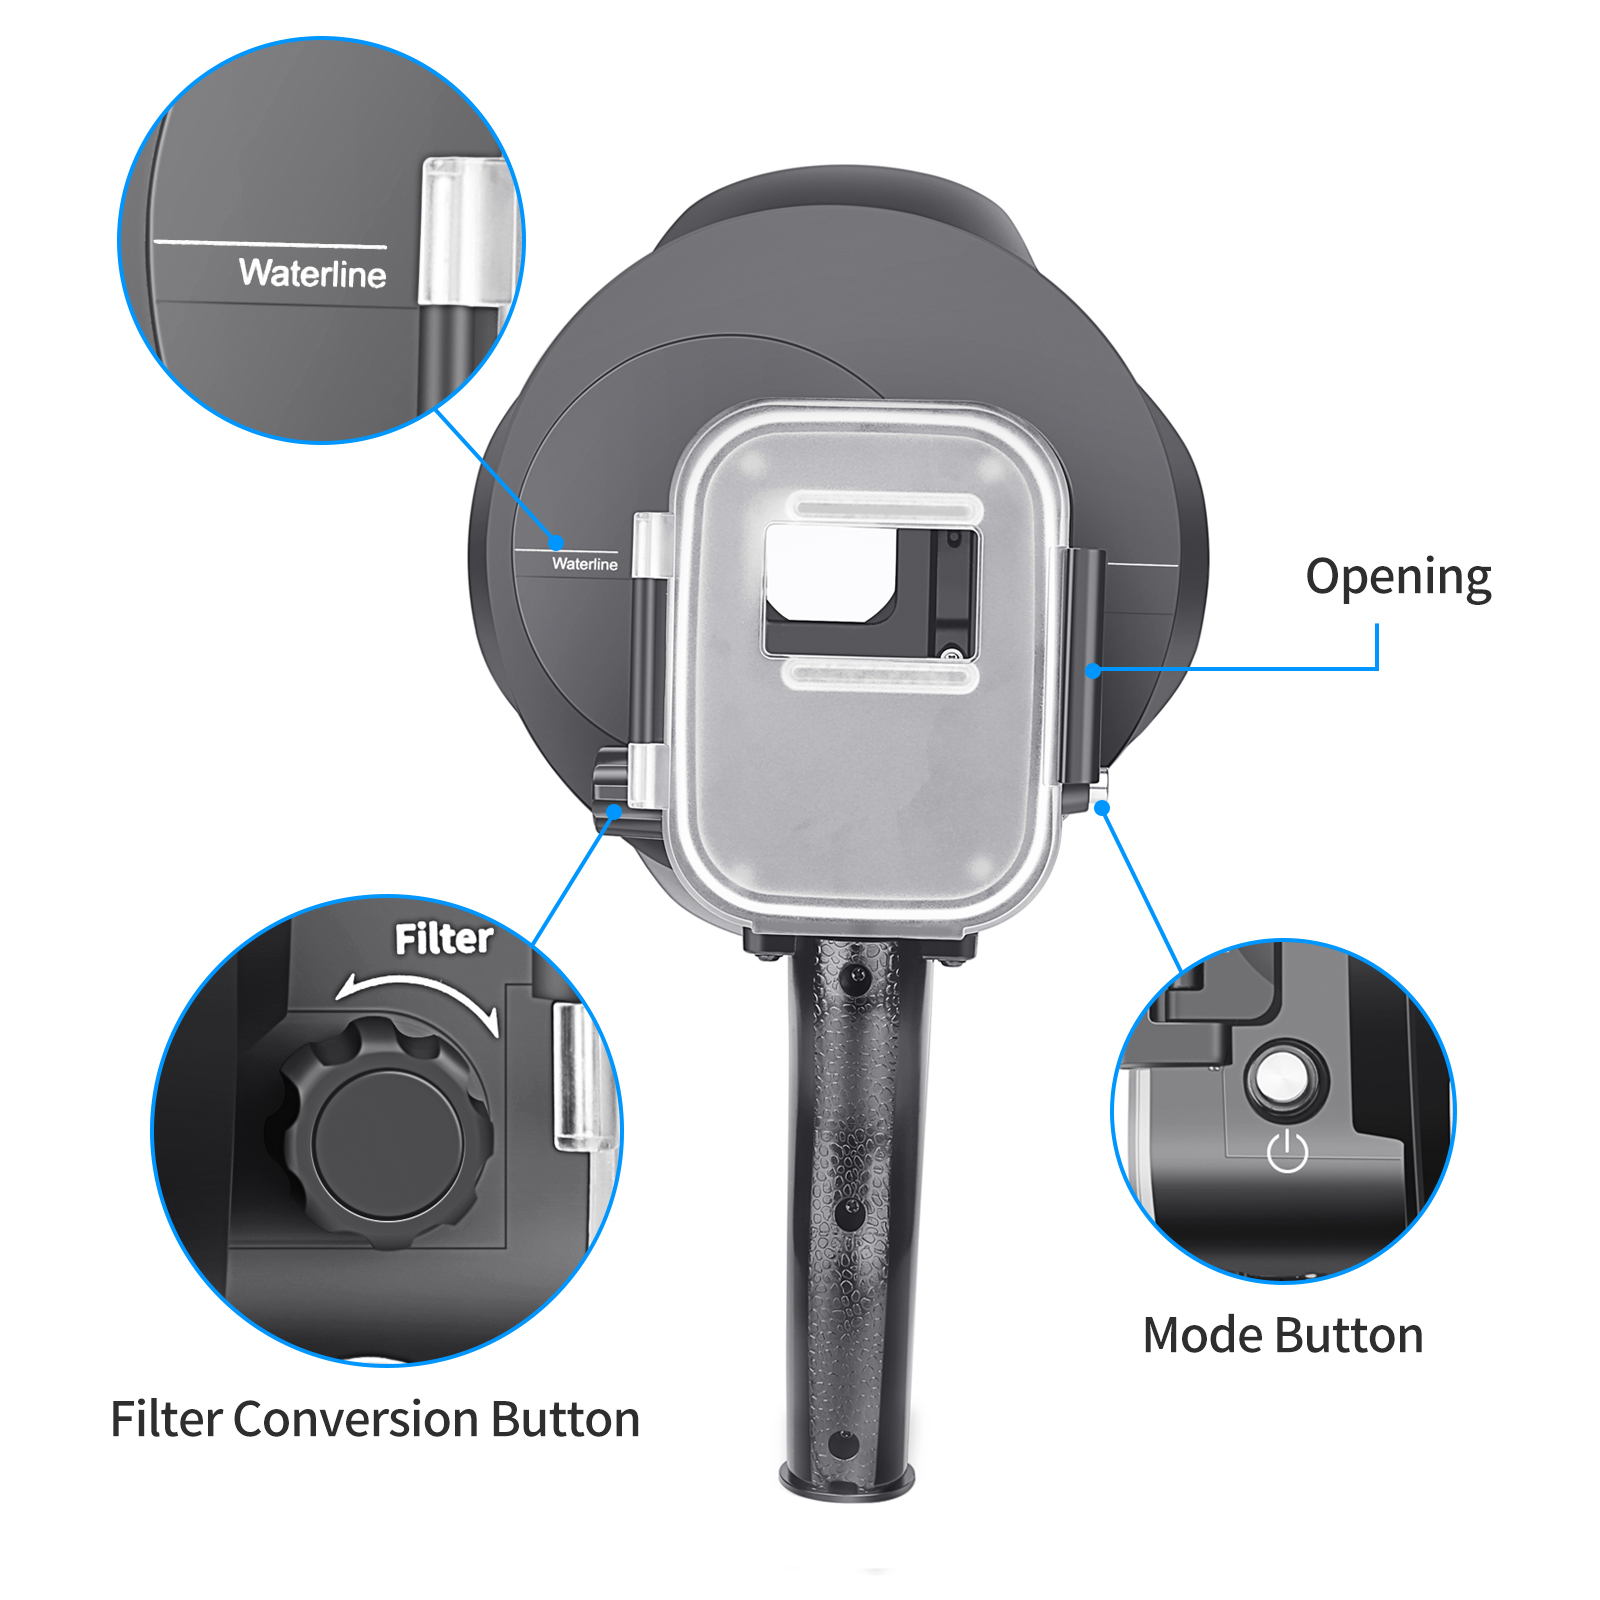 SHOOT buceo Domo Puerto impermeable filtro de la cubierta conmutable Domo para GoPro Hero 7 6 5 negro accesorio subacuático para Go pro 7 6 5 - 2